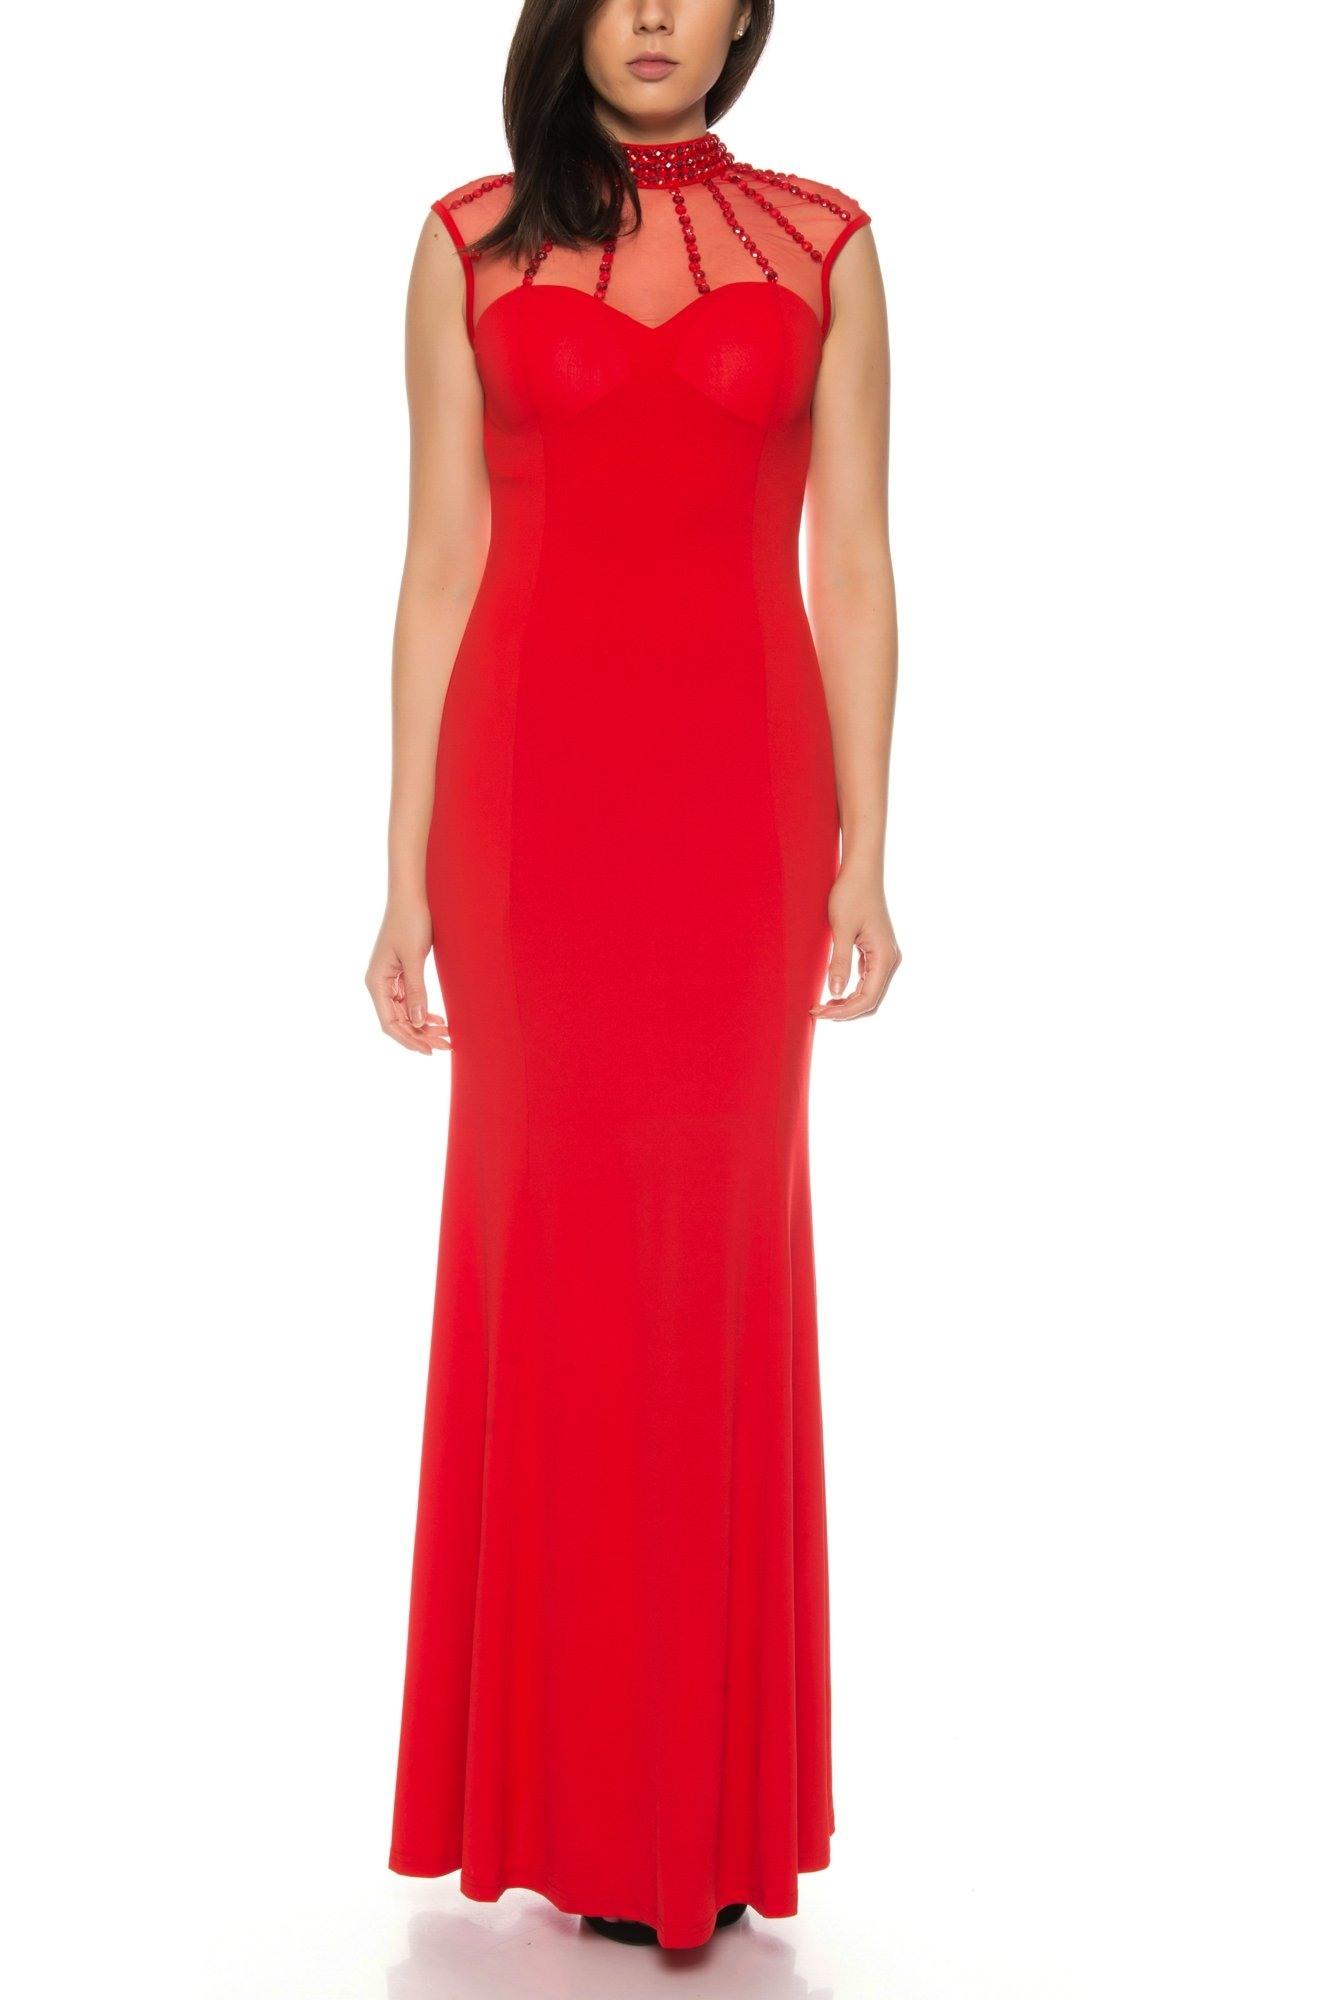 Wunderbar Leichtes Abendkleid Boutique Leicht Leichtes Abendkleid Design